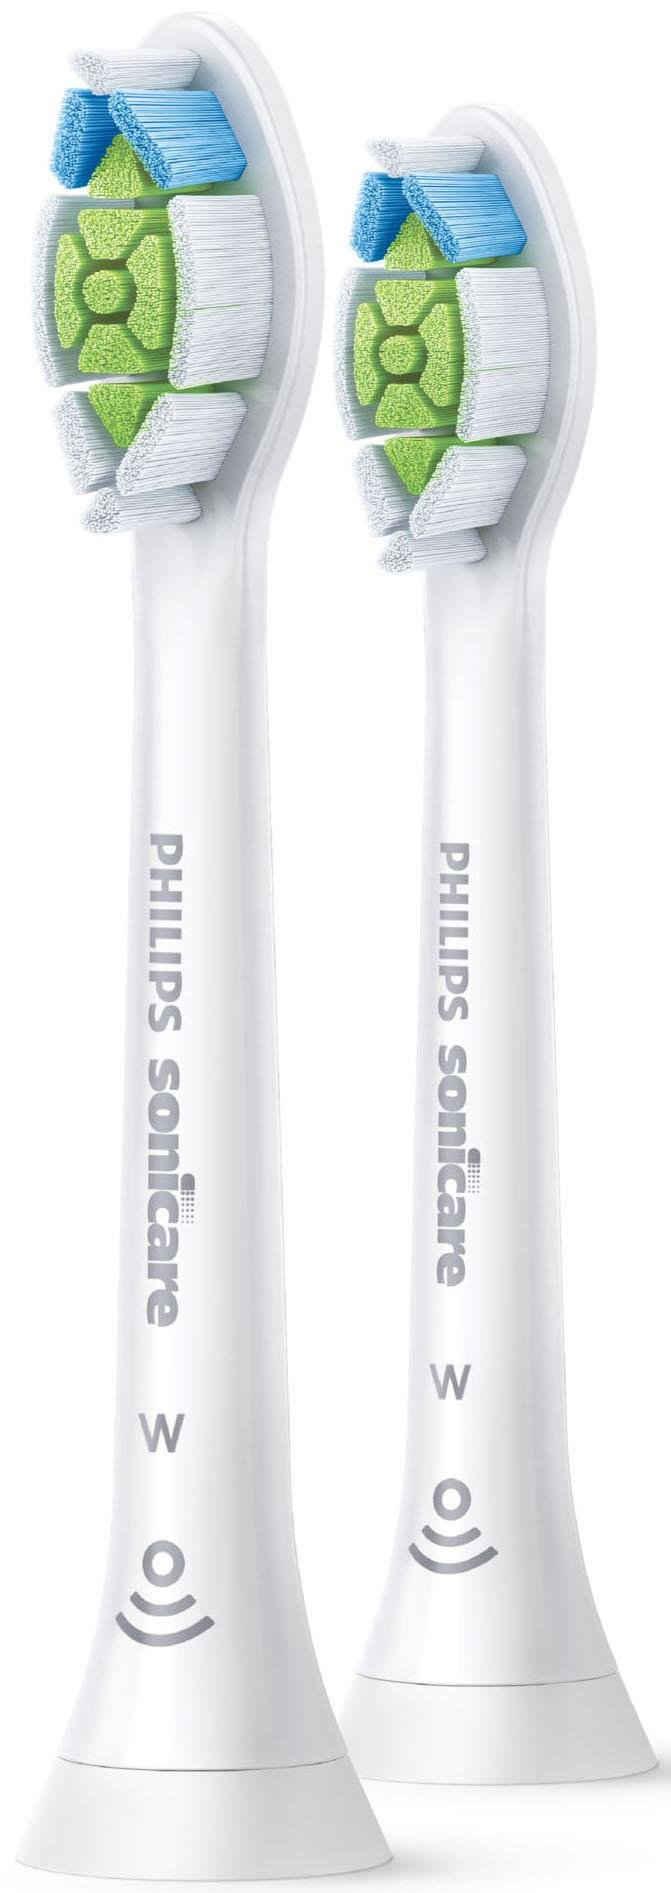 Philips Sonicare Aufsteckbürsten »Optimal White Standard«, für besonderes weiße Zähne